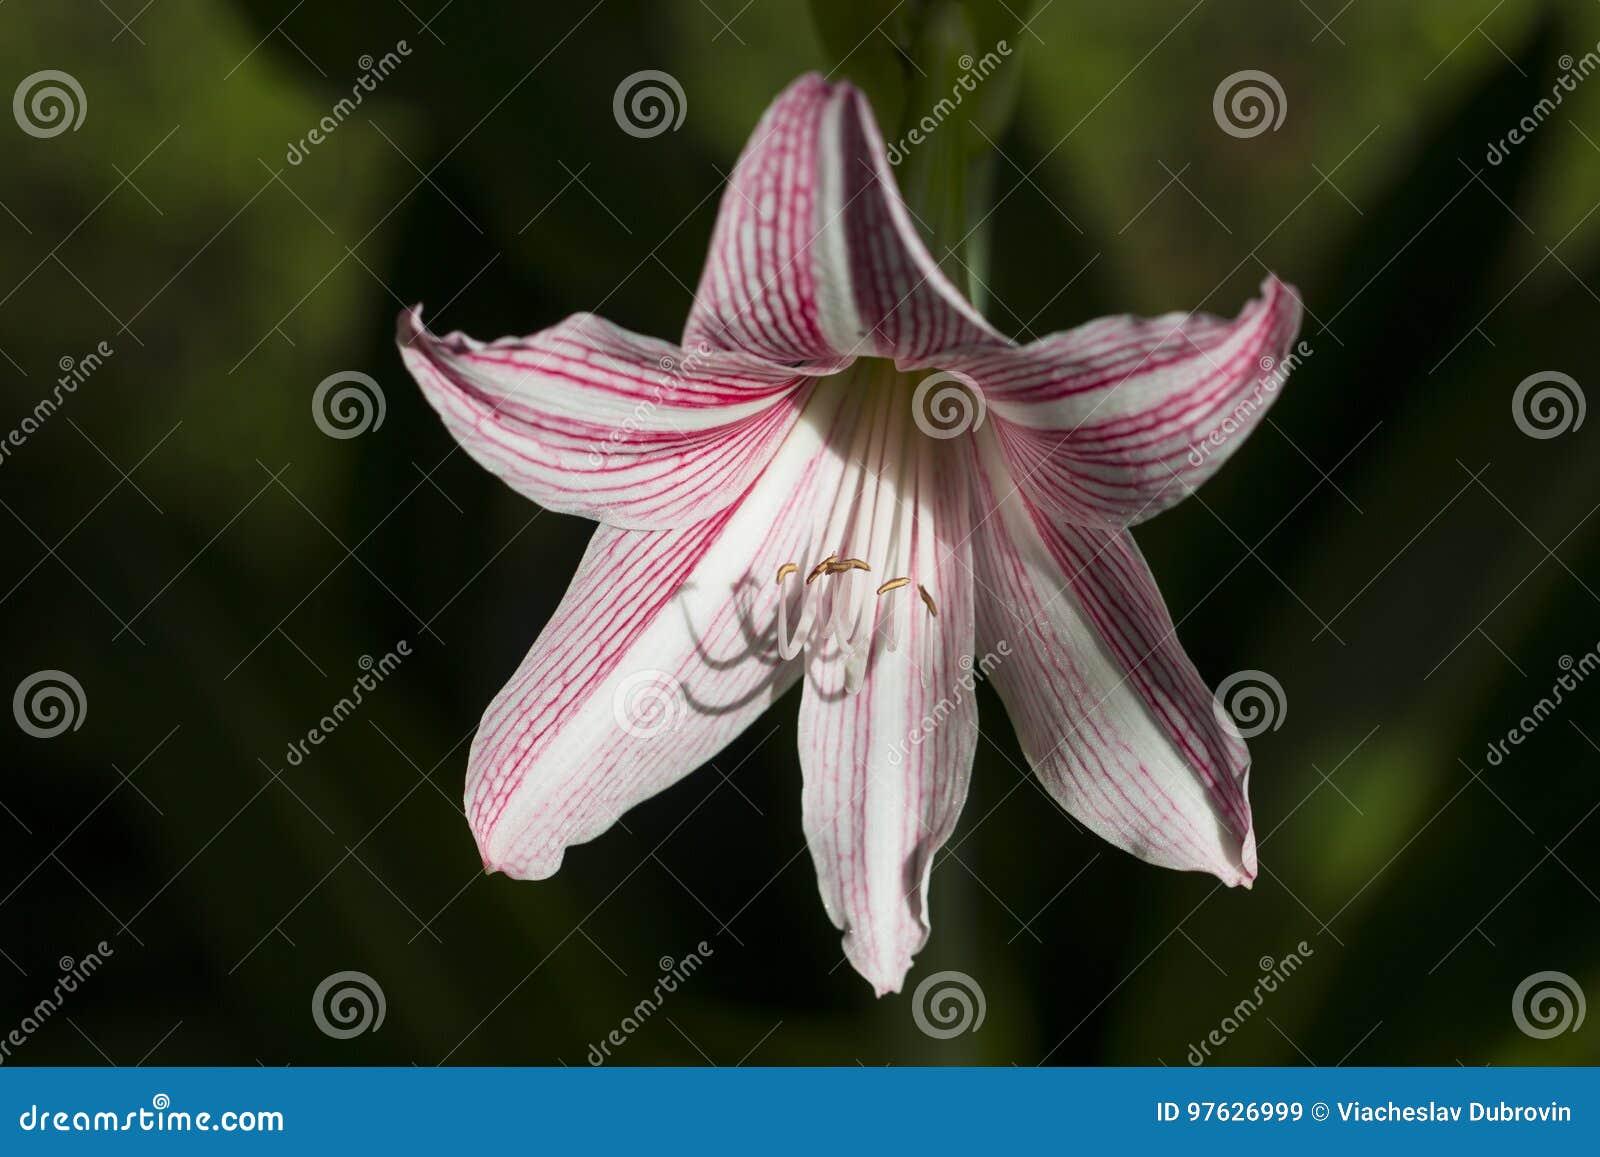 Тропический цветок в солнечном фото сада Белая и розовая лилия в тропическом саде